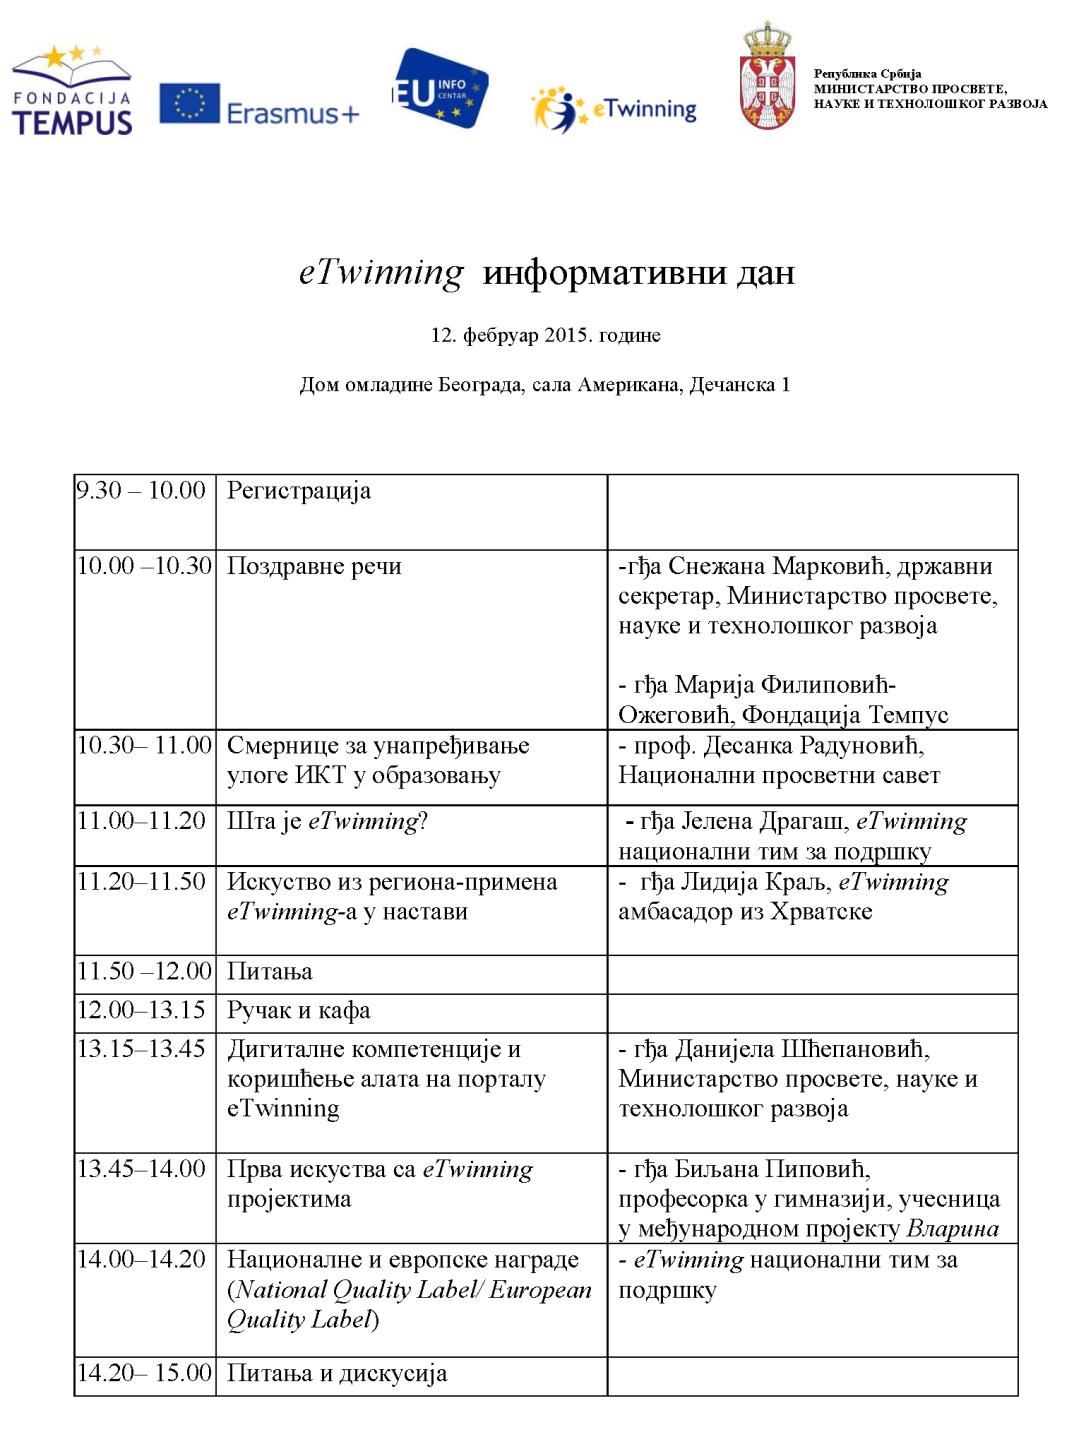 20150212-eTwinningagenda